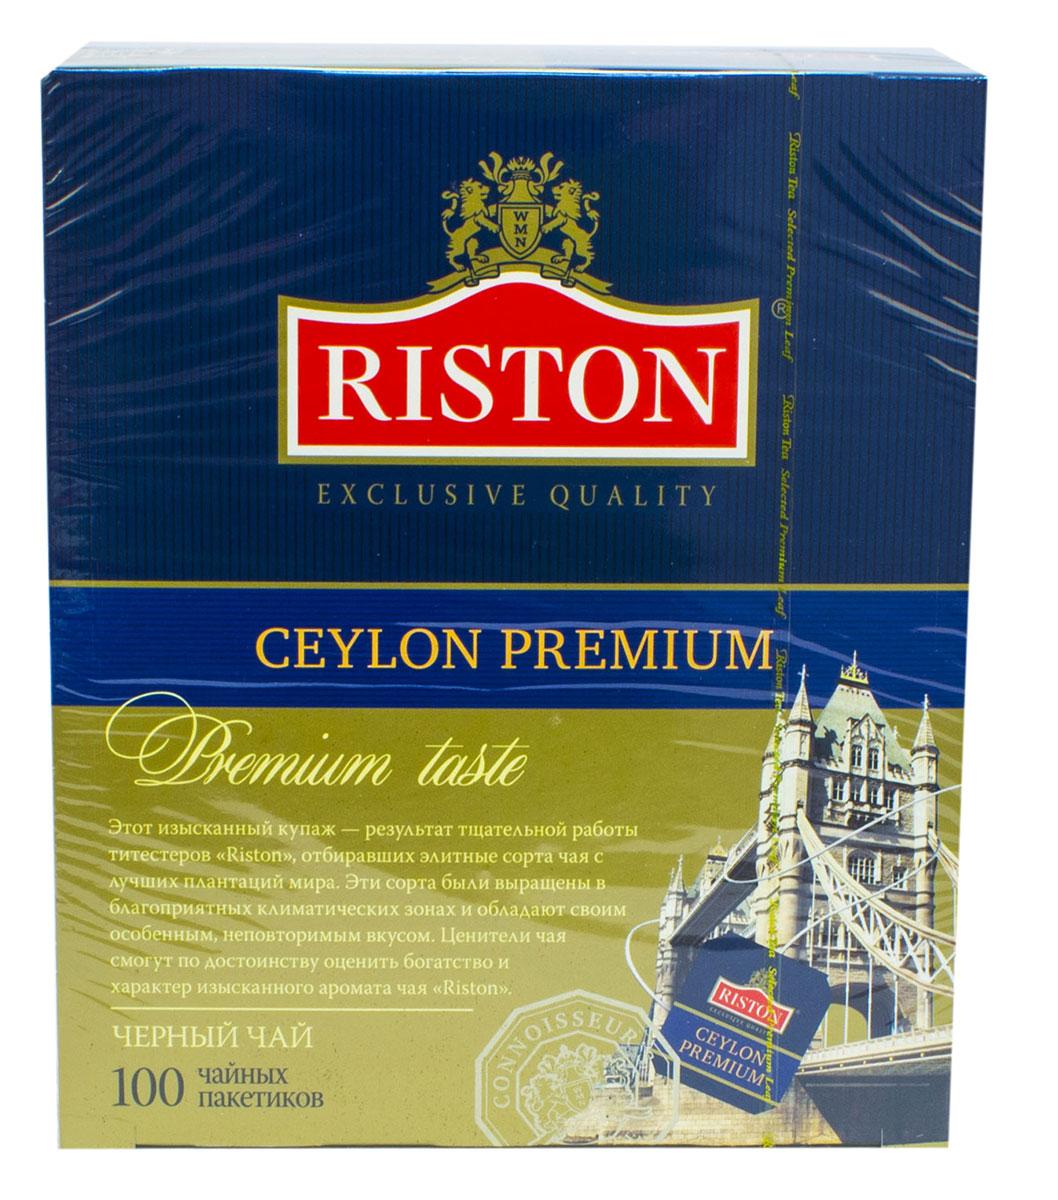 Riston Цейлонский Премиальный черный чай в пакетиках, 100 шт80116-00Этот изысканный купаж - результат тщательной работы титестеров Riston, отбиравших элитные сорта чая с лучших плантаций мира. Эти сорта были выращены в благоприятных климатических зонах и обладают своим особенным, неповторимым вкусом. Ценители чая смогут по достоинству оценить богатство и характер изысканного аромата чая Riston.Крепкий настой Цейлонского Премиального чая с классическим вкусом с лучших плантаций Шри-Ланки дарит бодрость, наполняя атмосферу чаепития насыщенным ярким ароматом, что дает чувство необыкновенного комфорта.